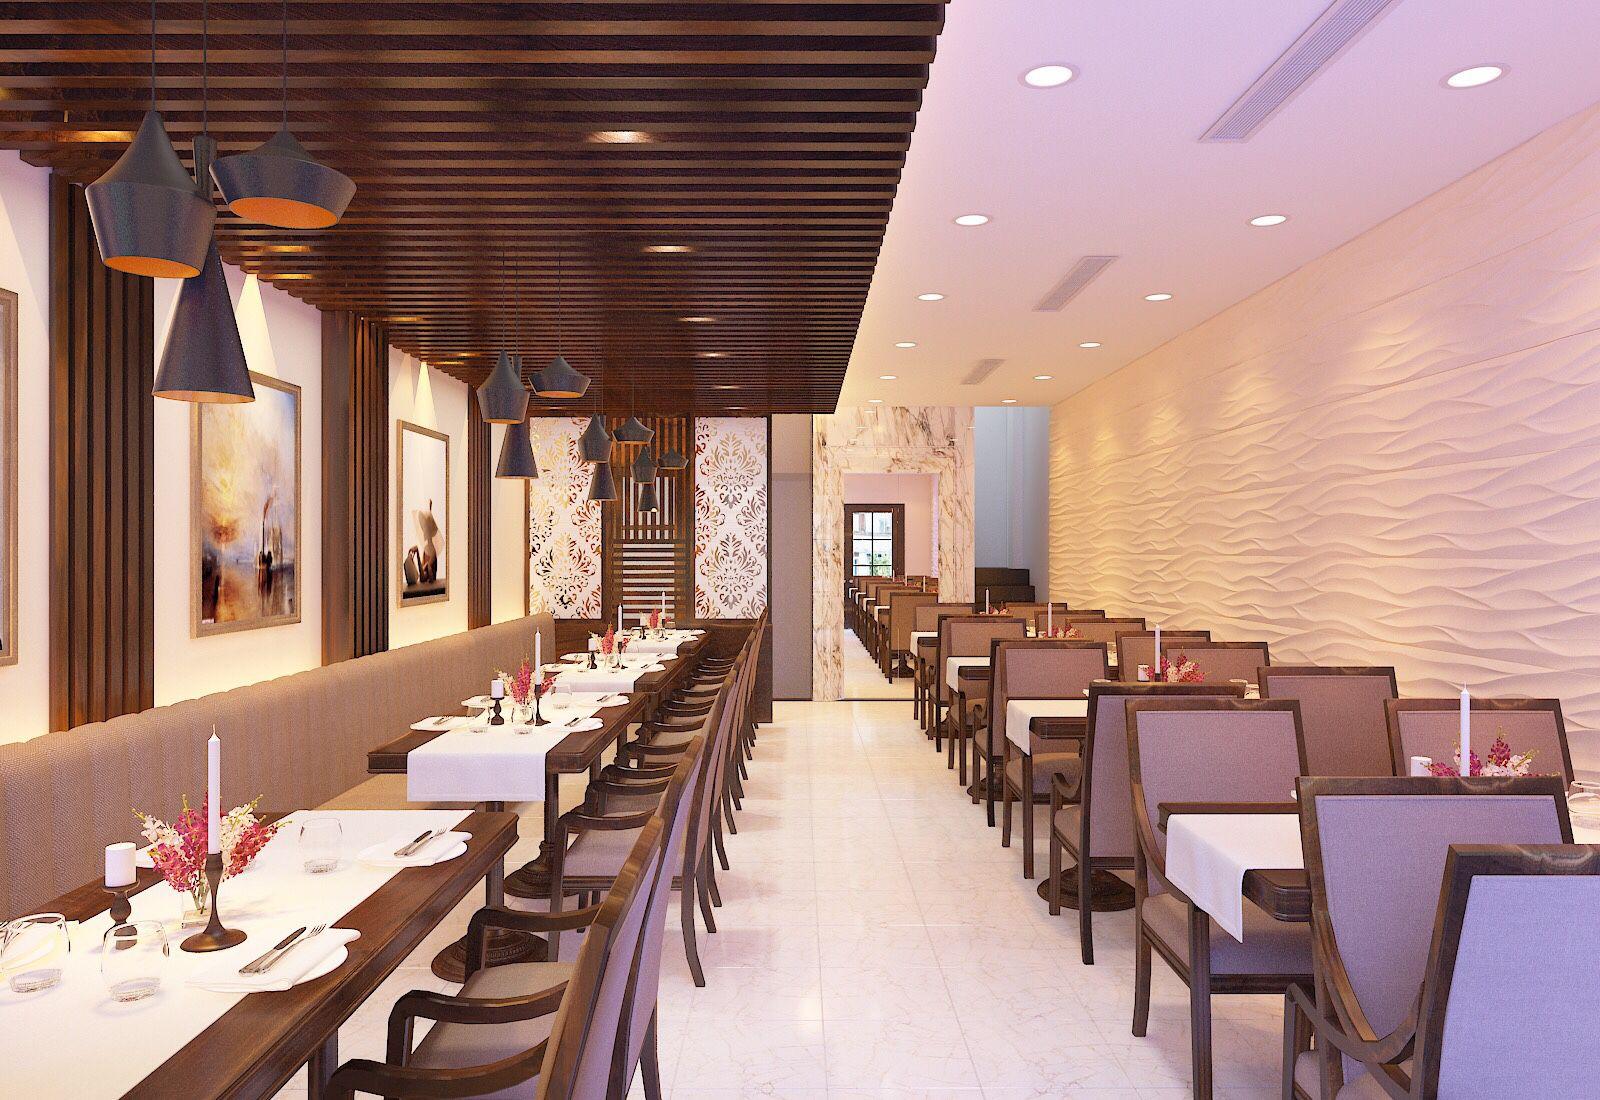 Thiết kế nhà hàng với không gian sang trọng